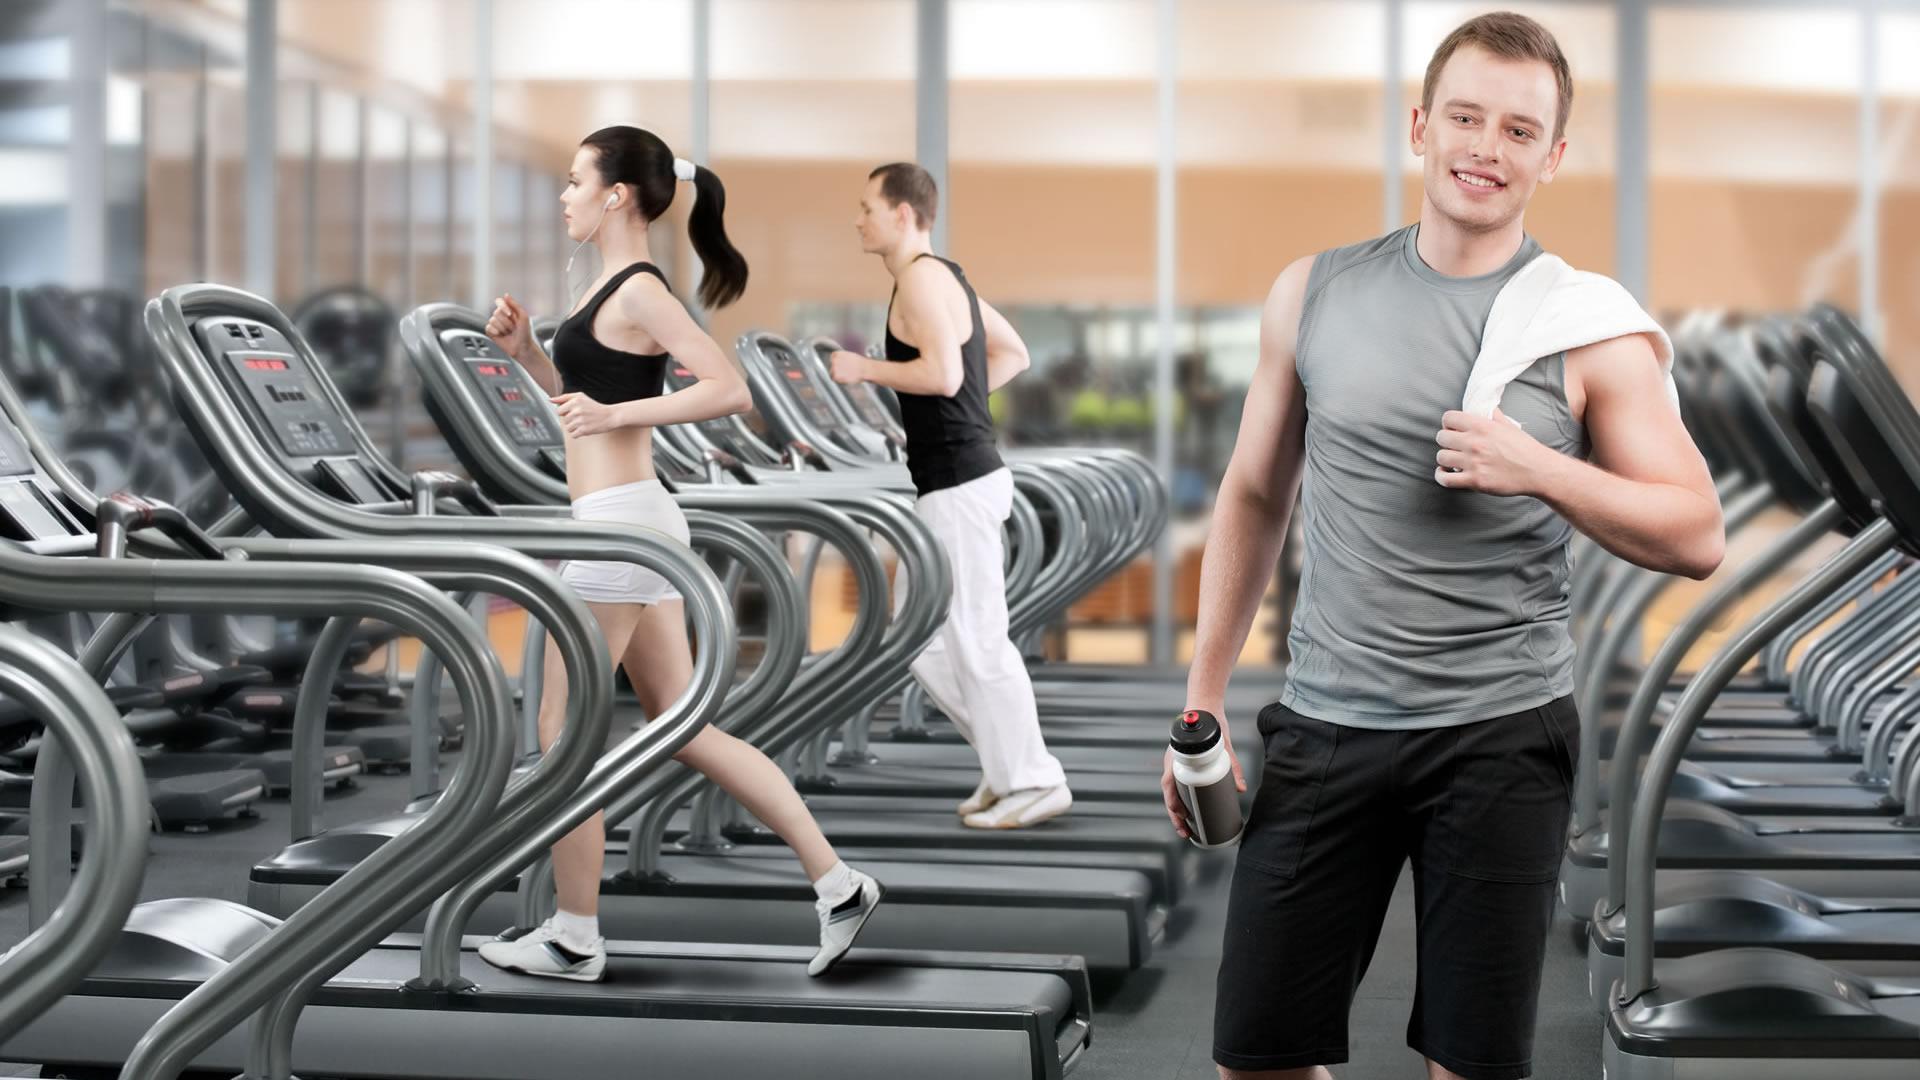 puntos a considerar para escoger un gimnasio